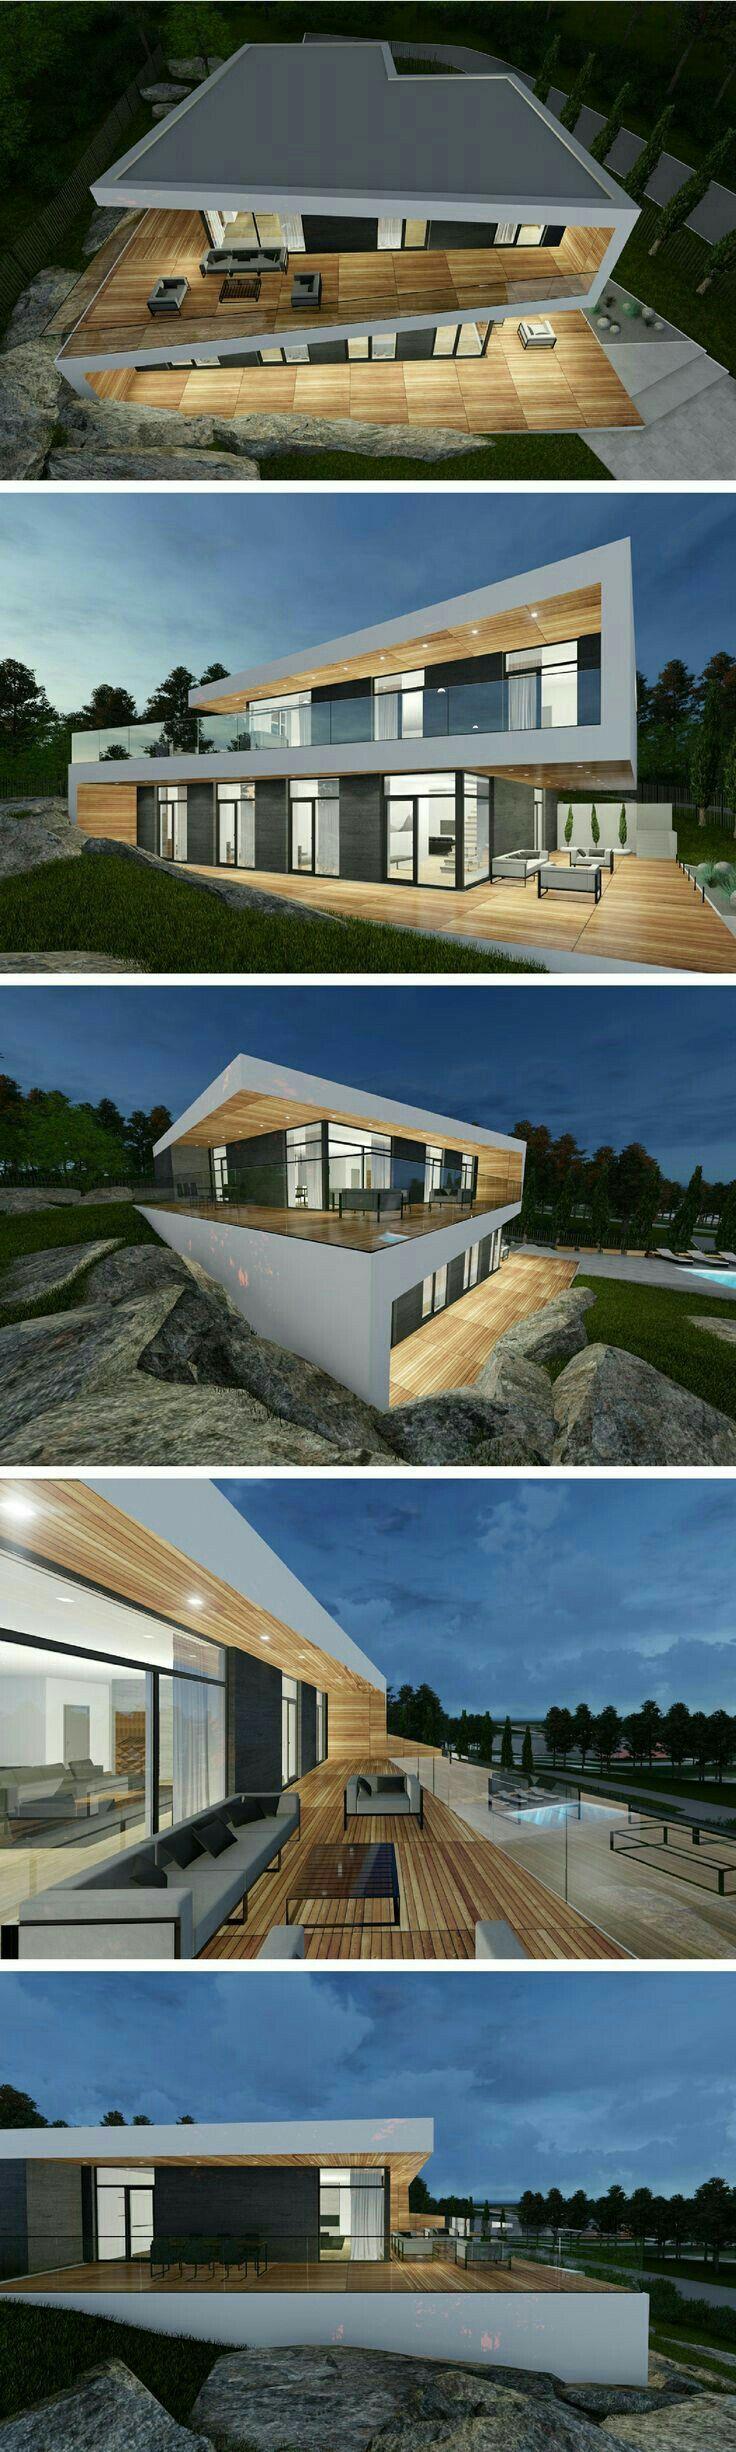 Die Zukunft des Bauens – Ihr neues Zuhause in Modularer Bauweise ...